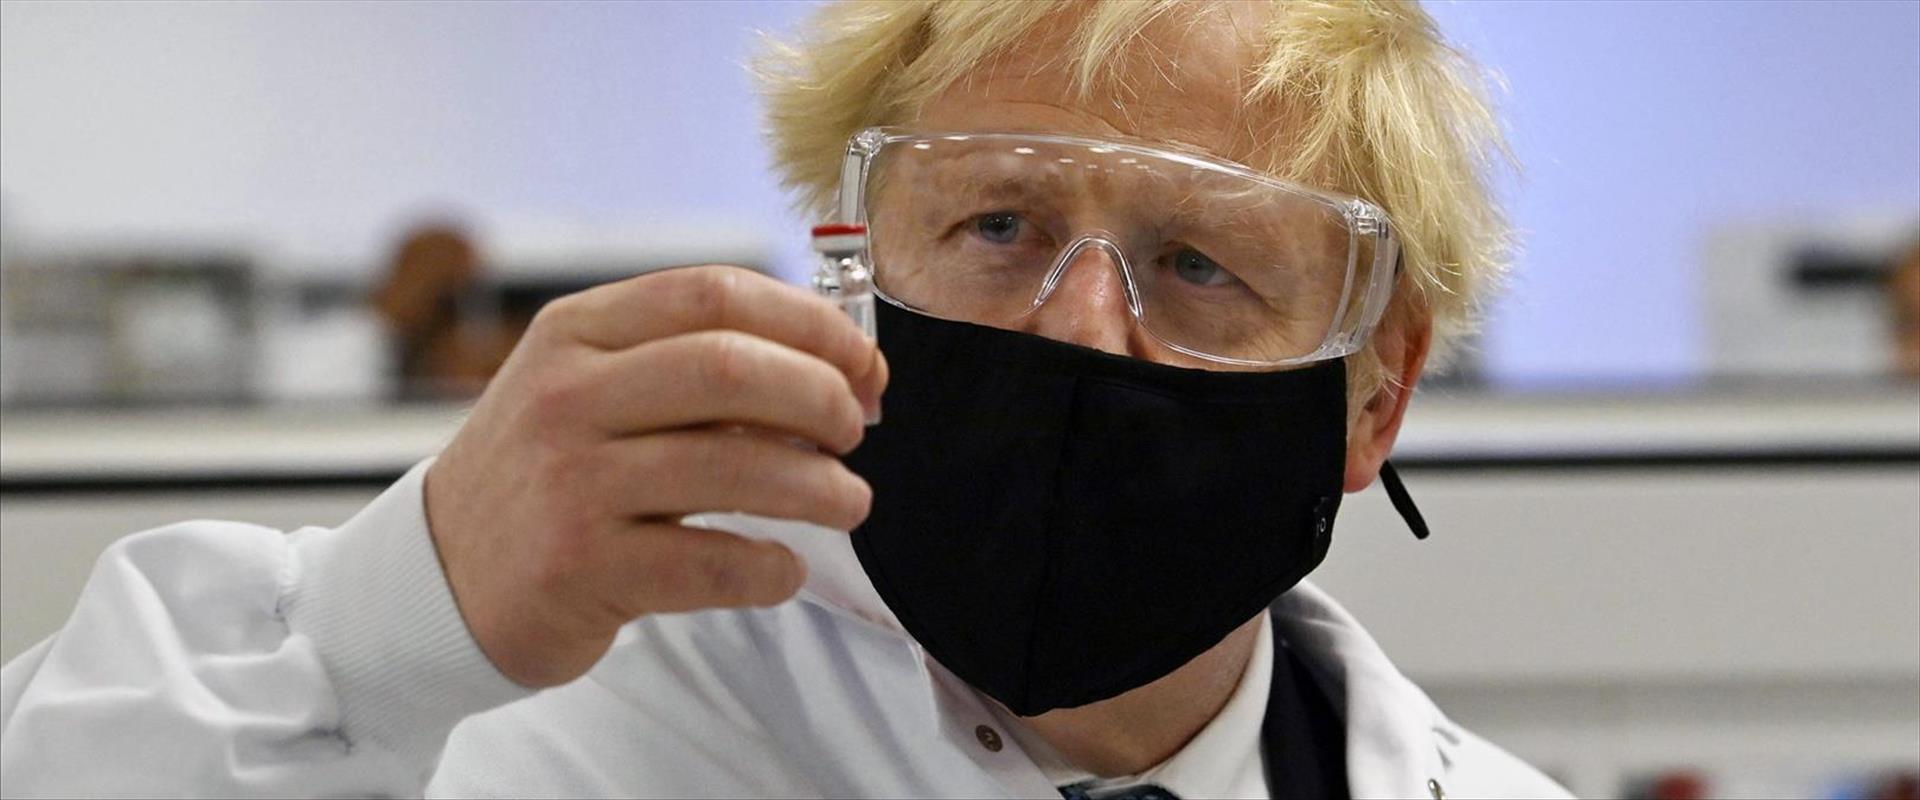 ראש הממשלה הבריטי ג'ונסון בוחן מקרוב את החיסון של